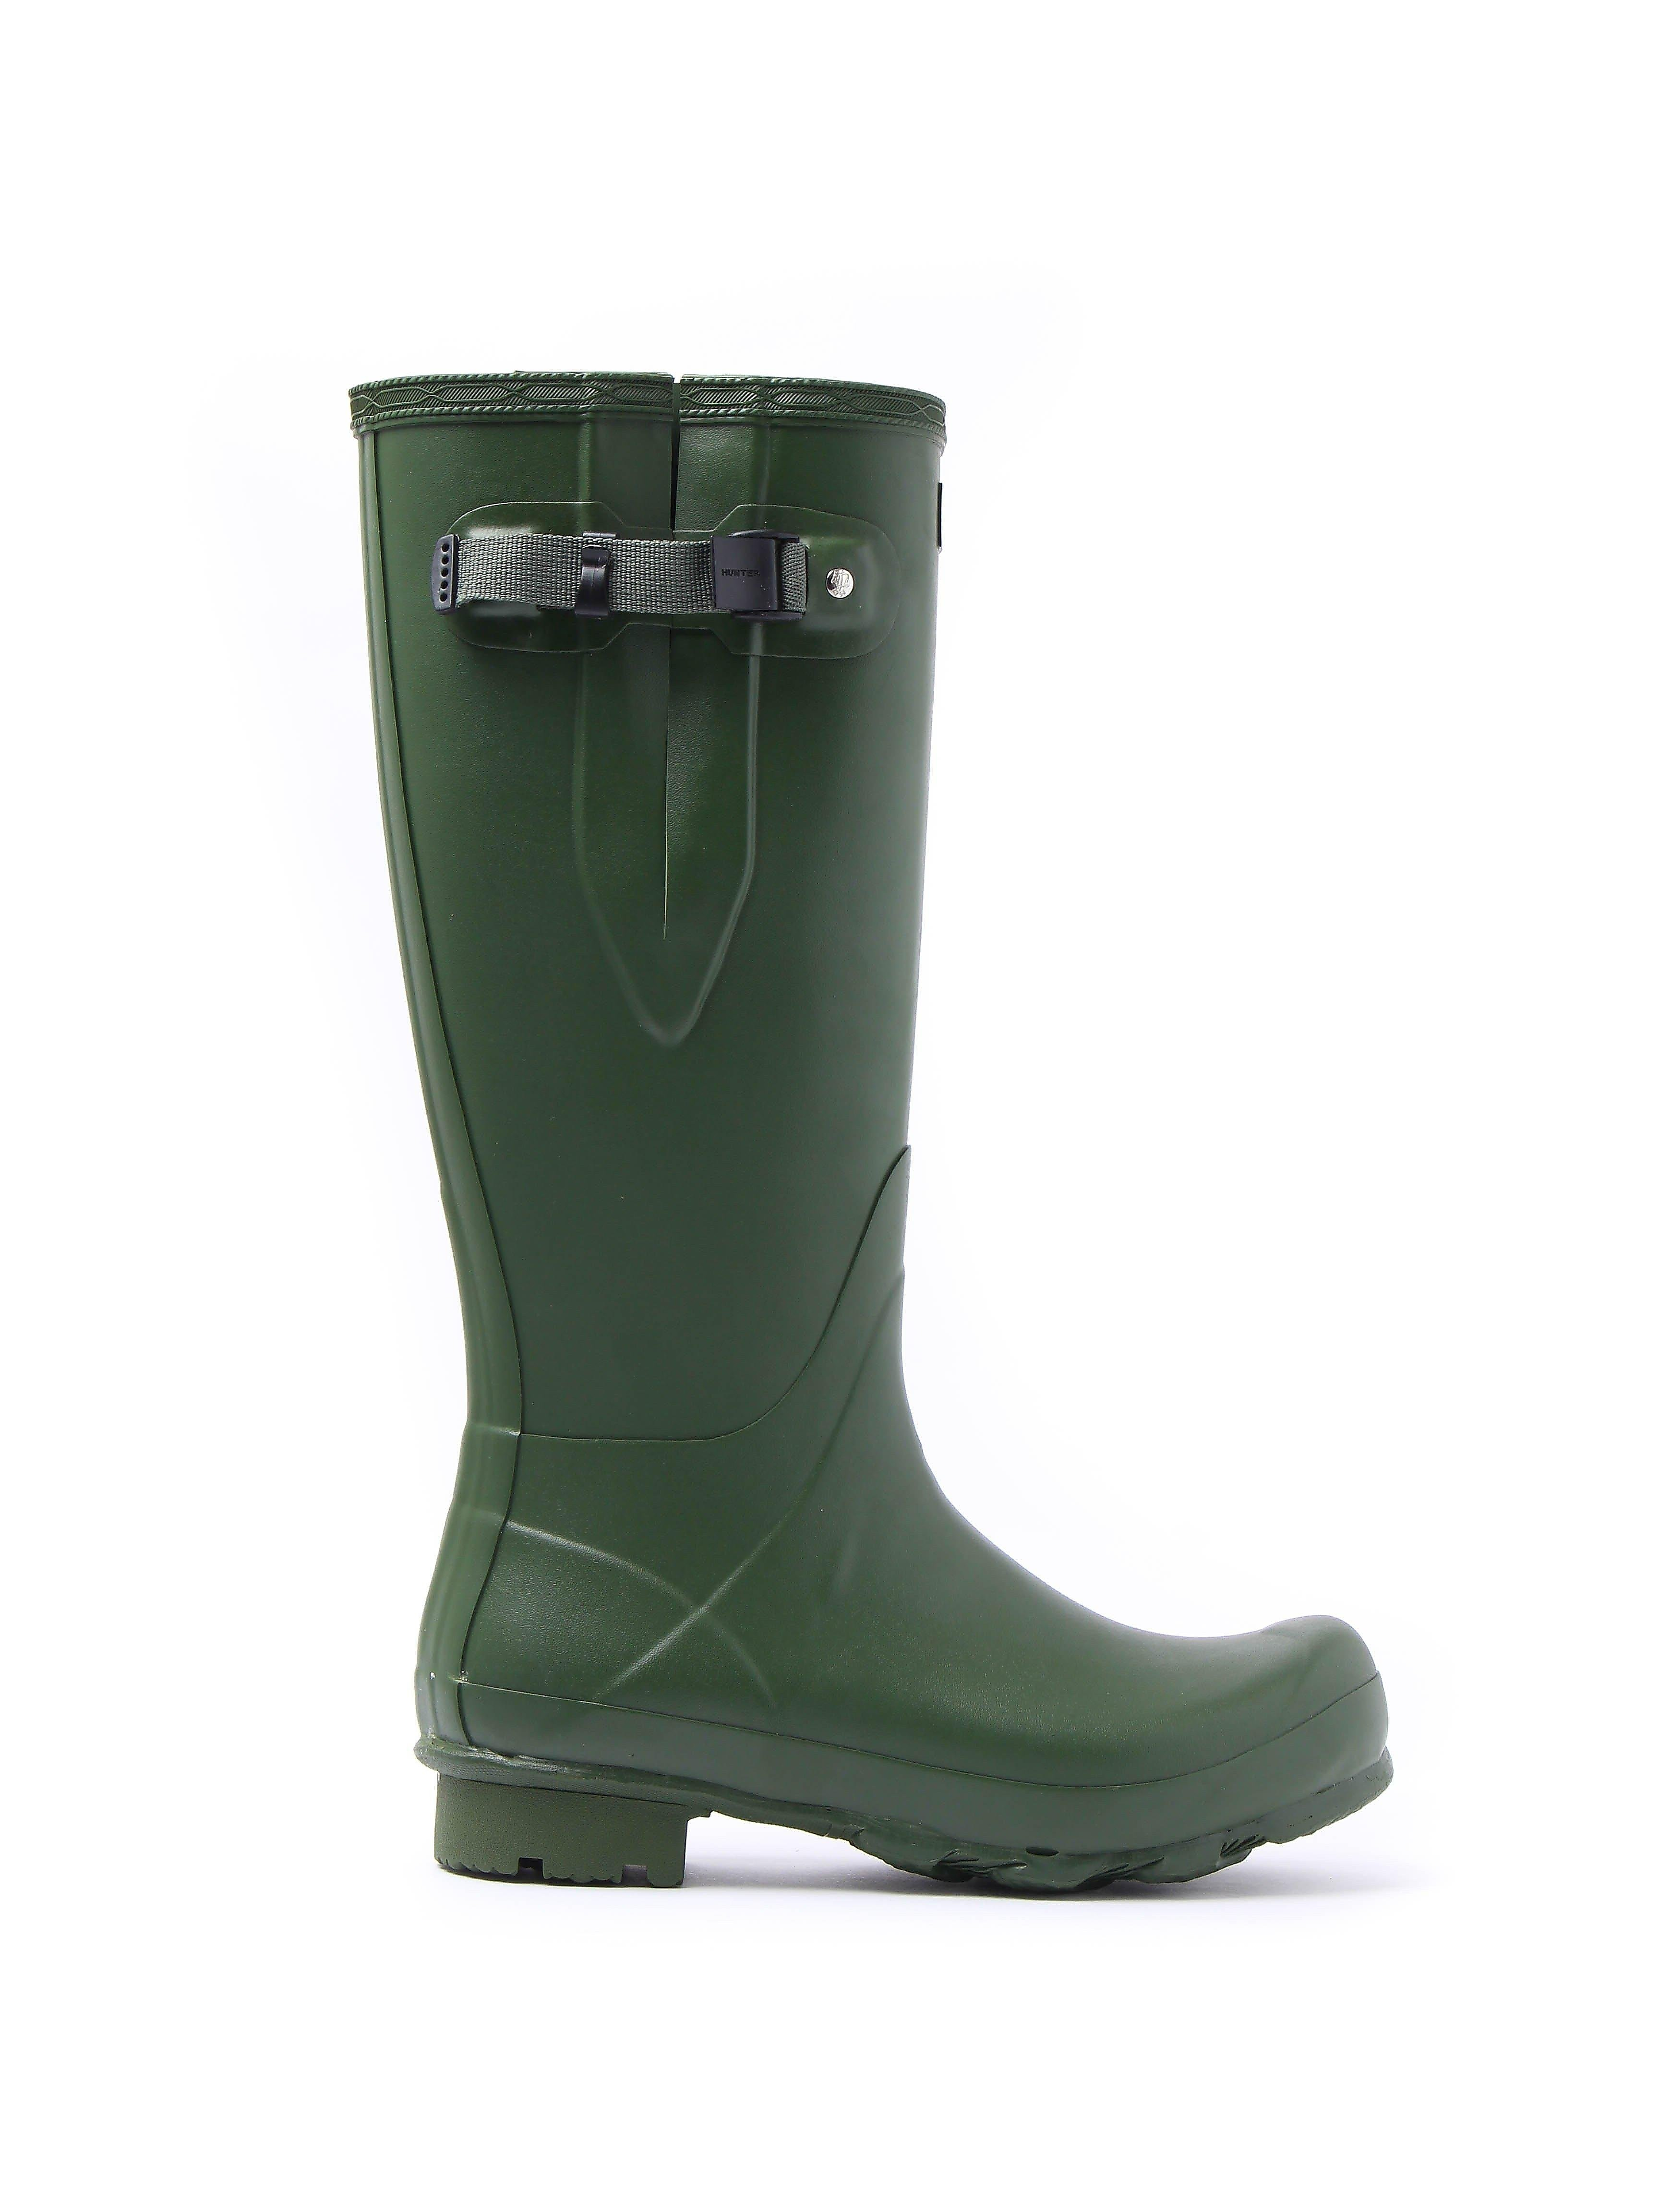 Hunter Wellies Men's Norris Field Adjustable Wellington Boots - Vintage Green